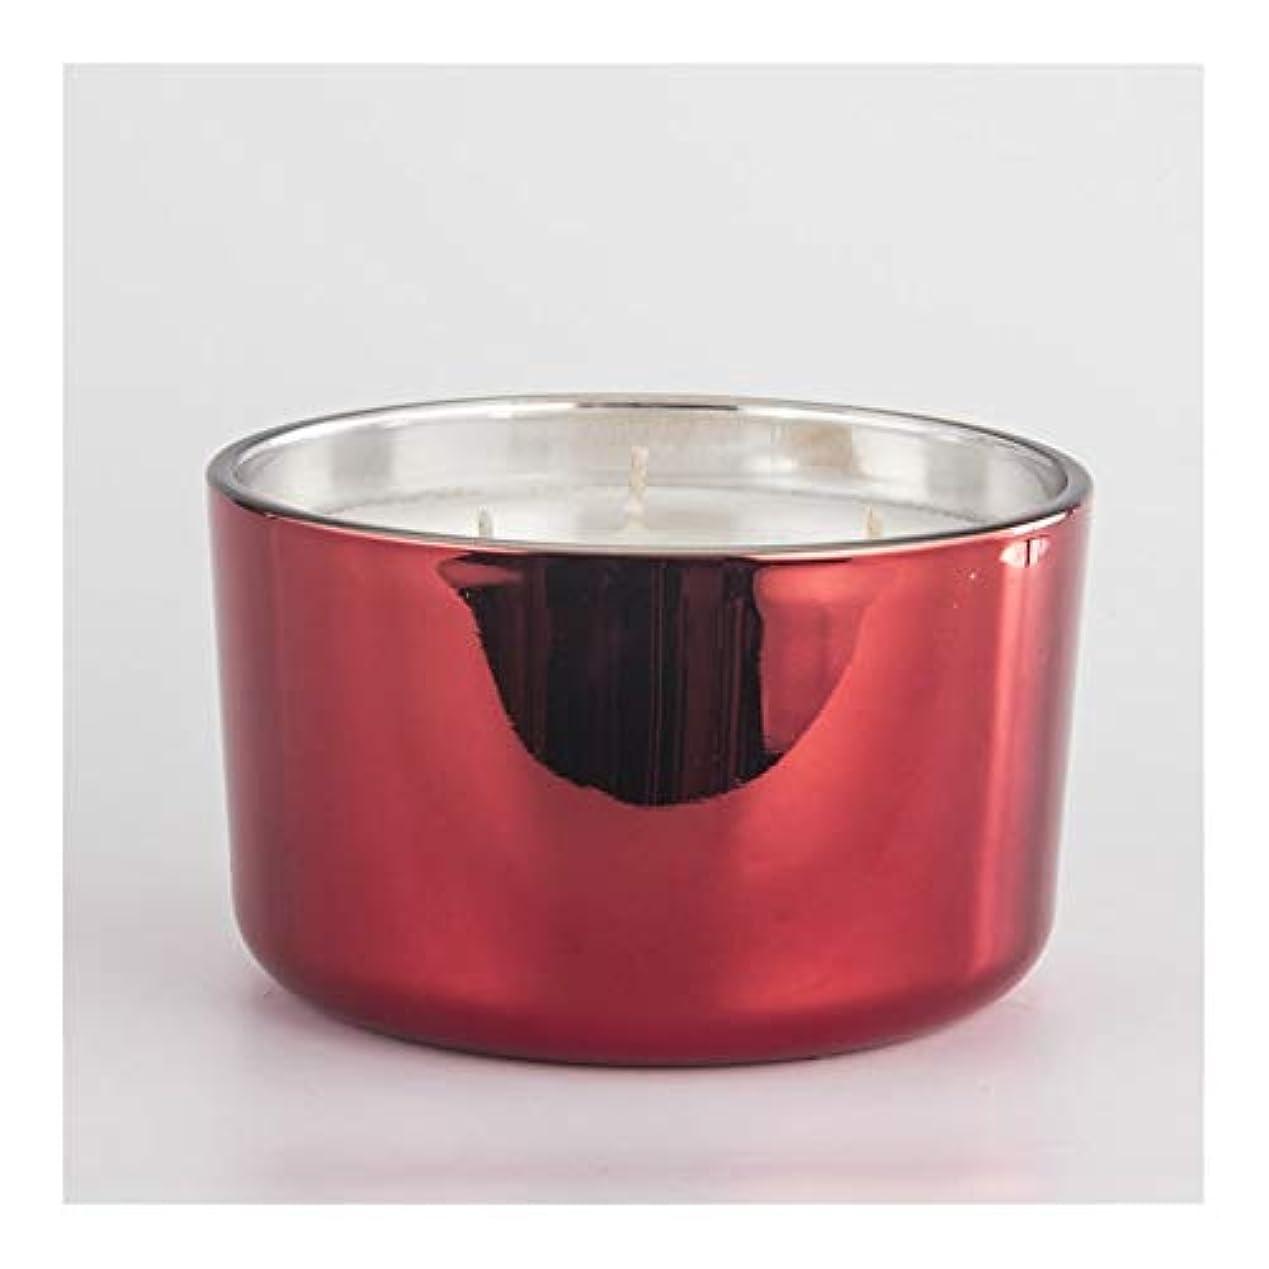 移行するキネマティクス慣らすACAO キャンドルカップ香料入りキャンドル鉢植えワックスカップキャンドルカップ電着赤3芯カップガラスカップワックス